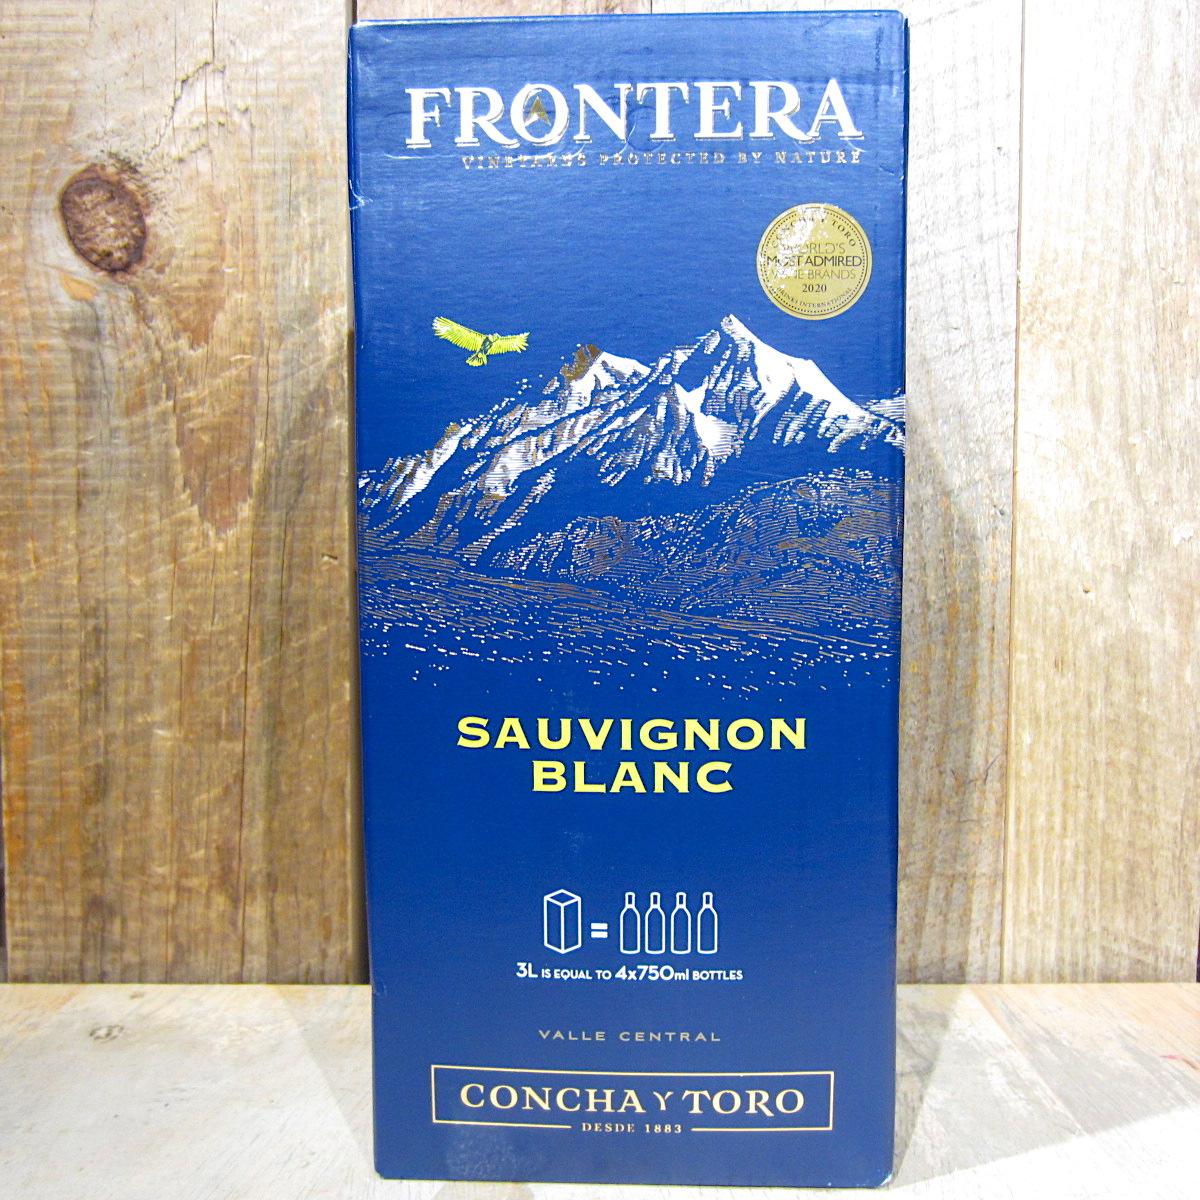 Frontera Sauvignon Blanc Box 3L